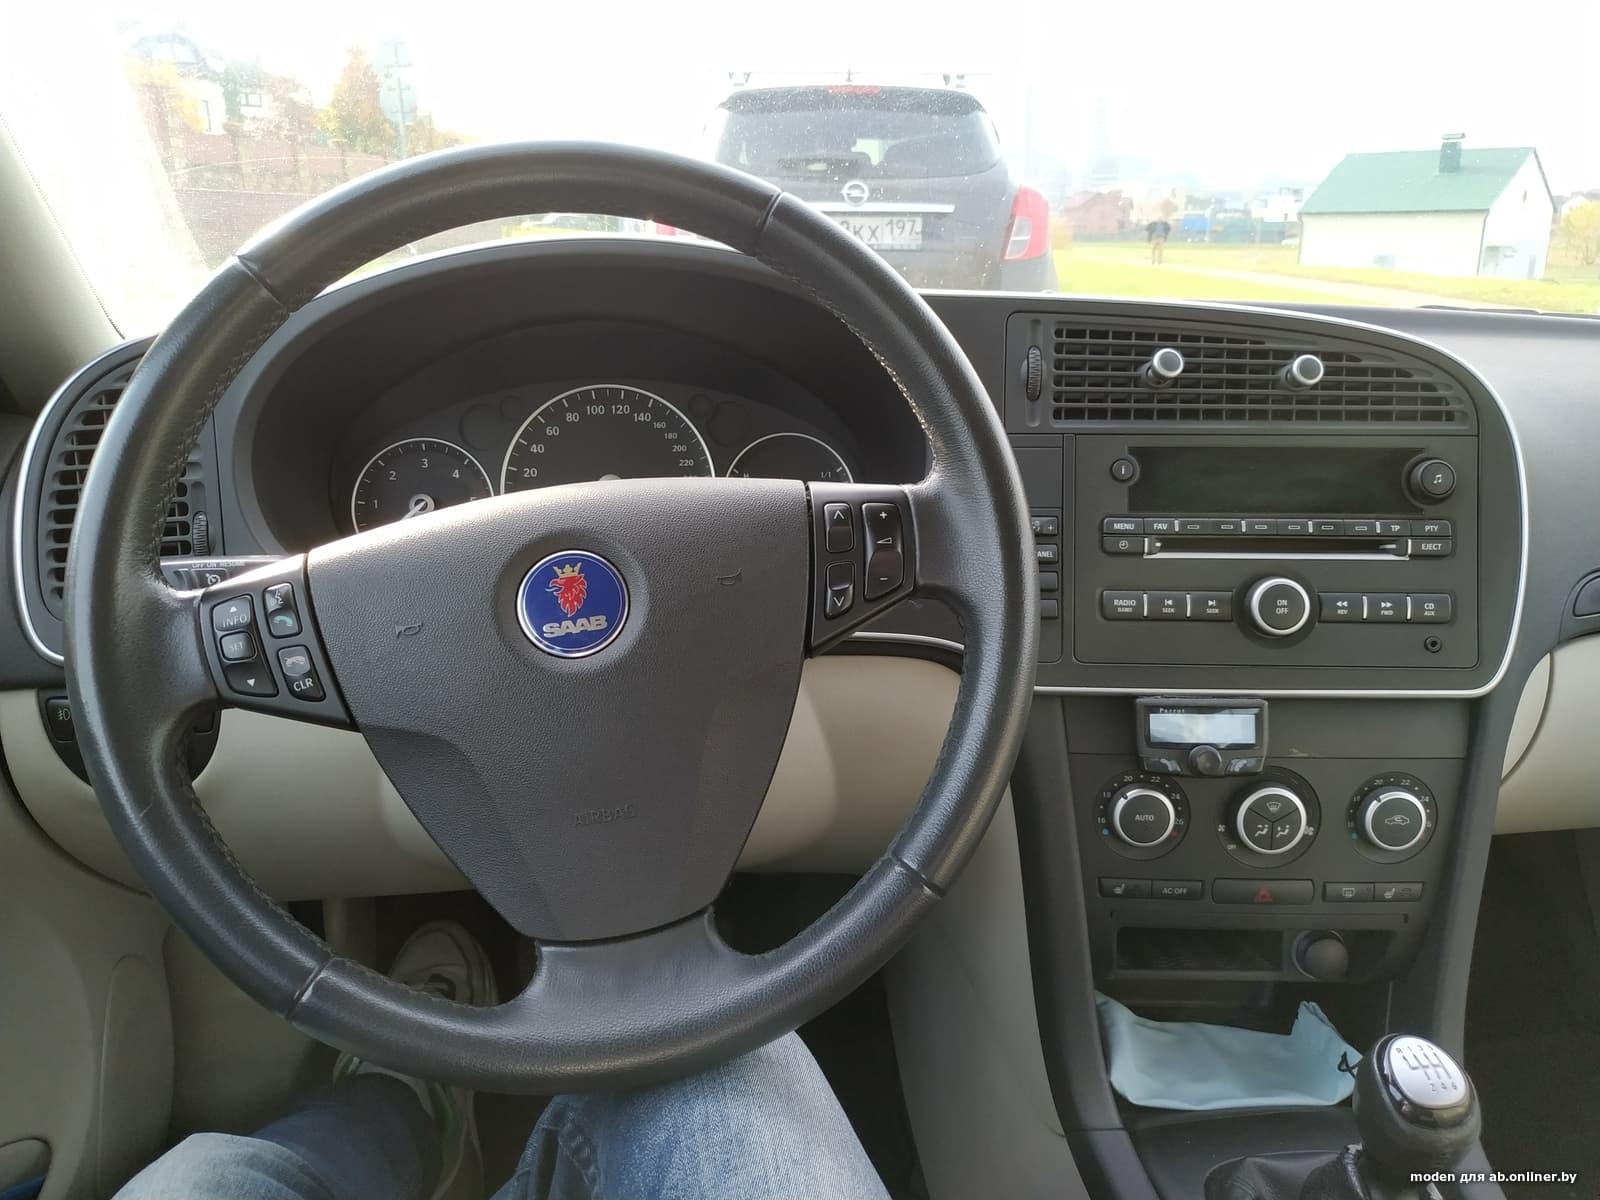 Saab 9 - 3 SS